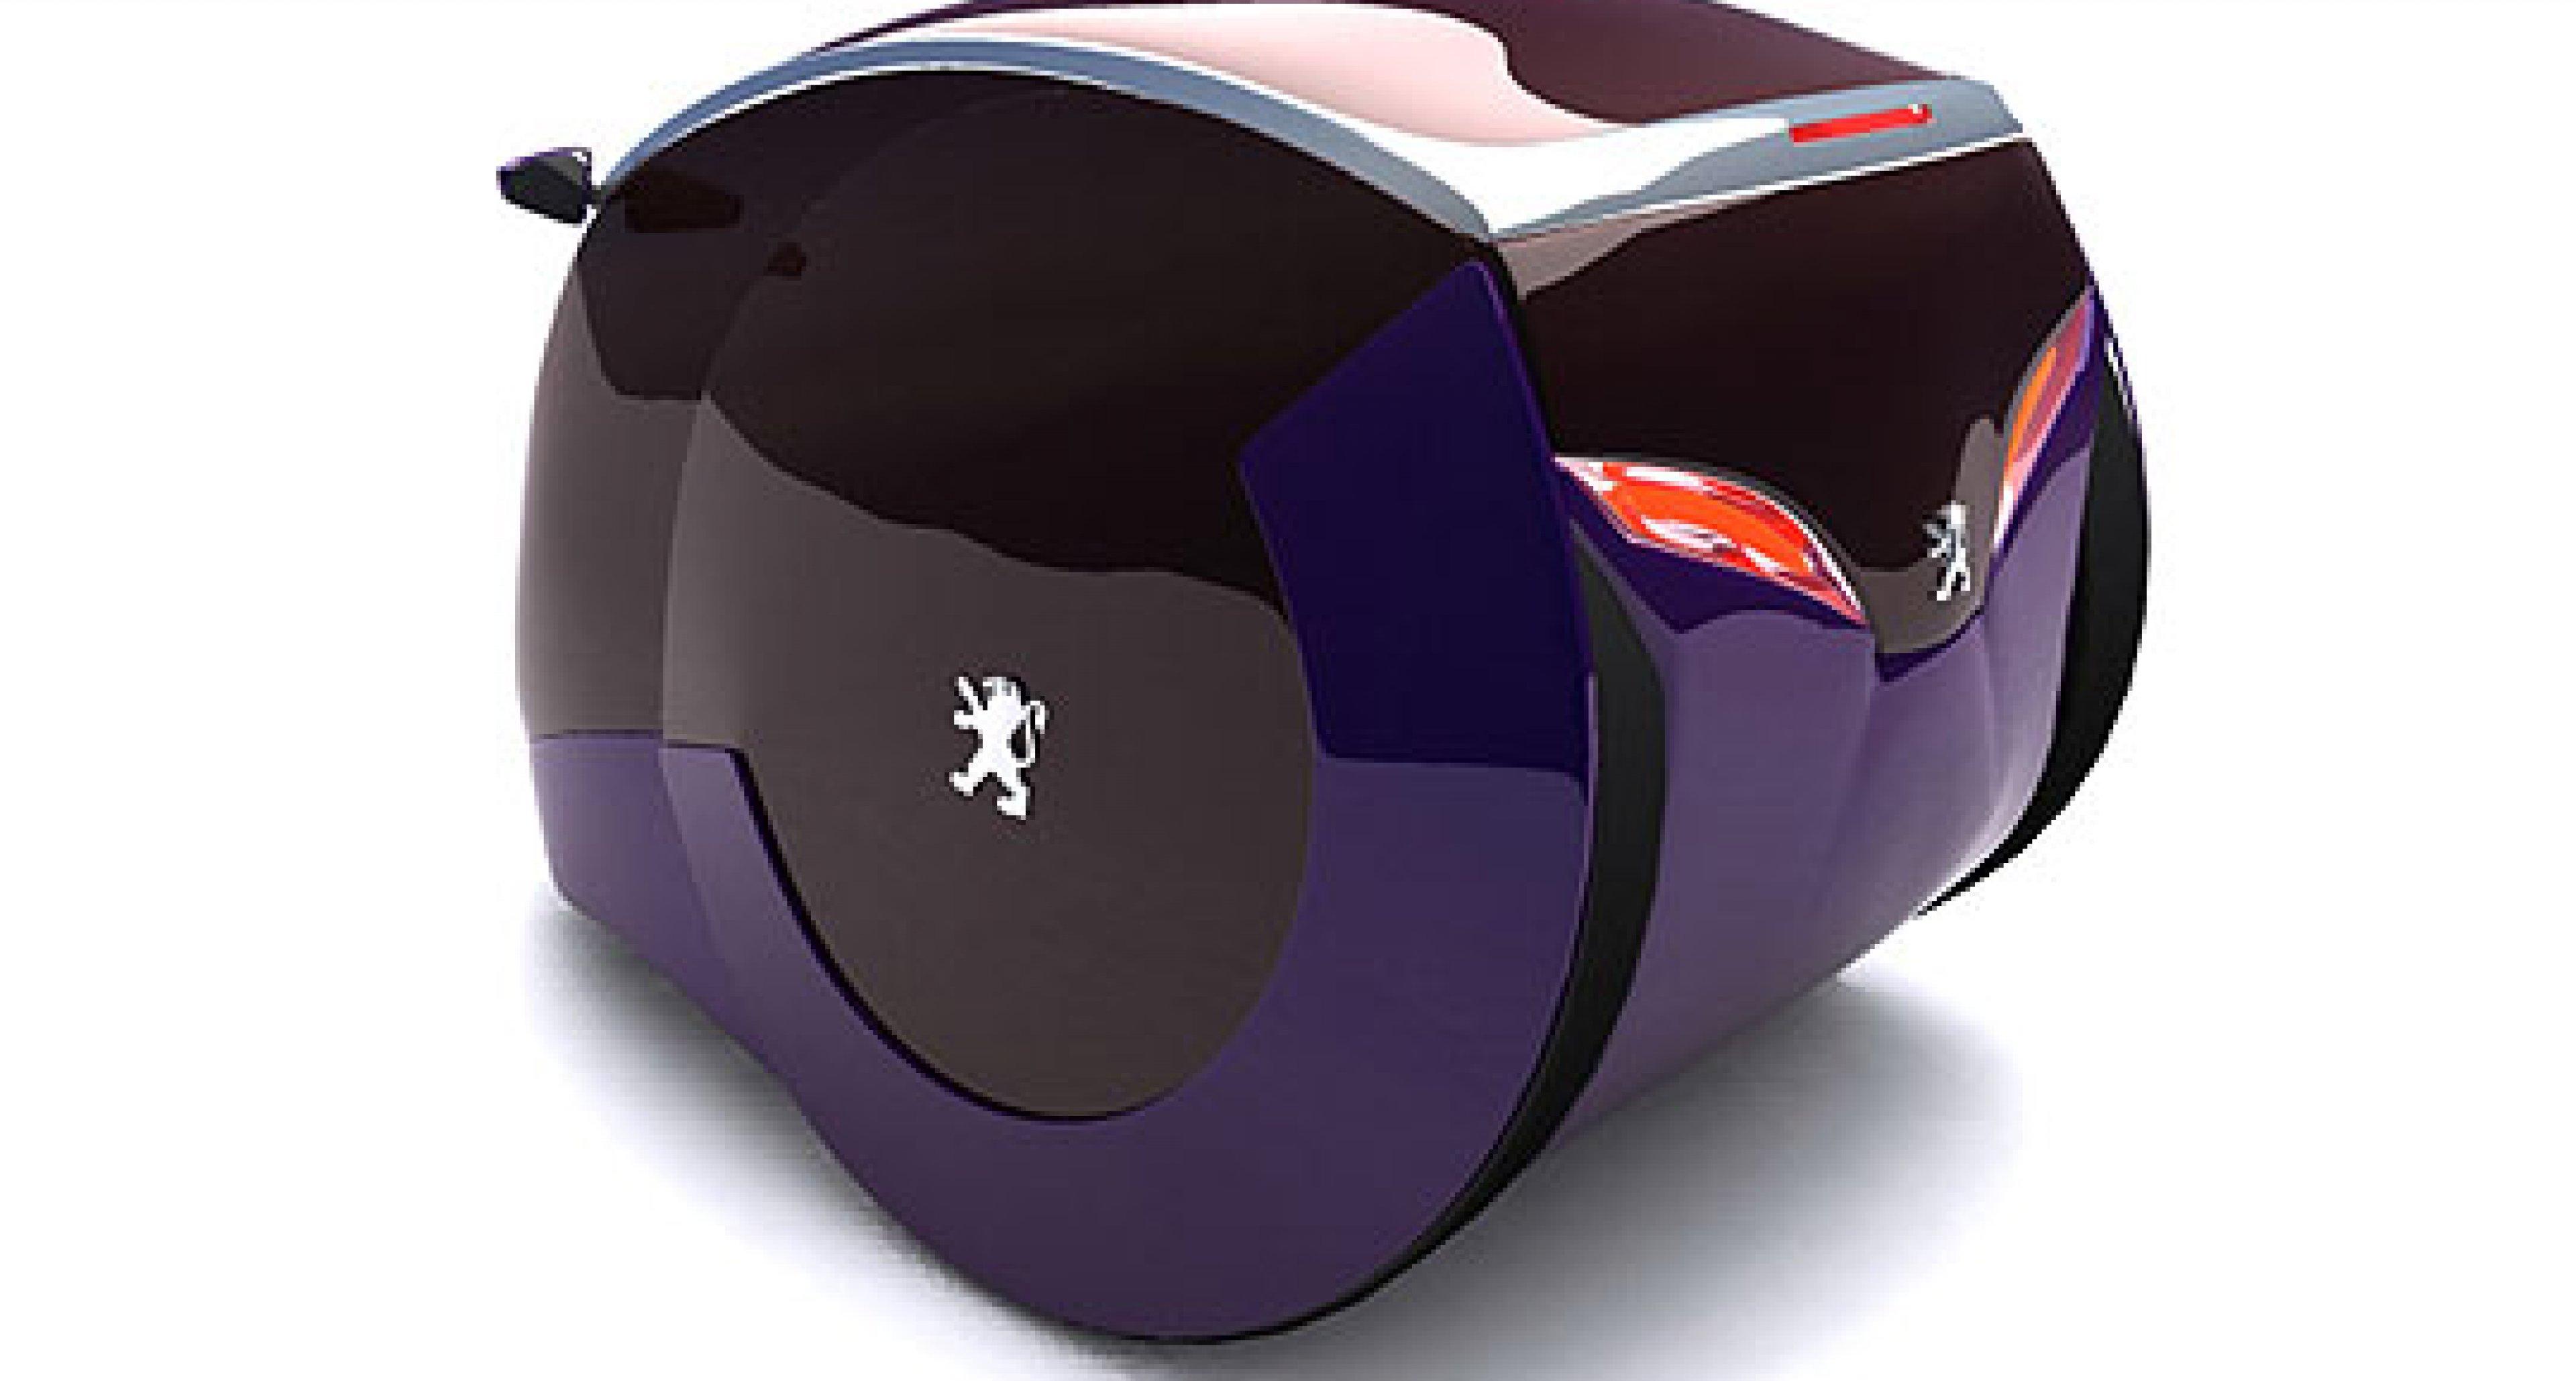 Peugeot: Rollendes Ei als Zukunftsdesign